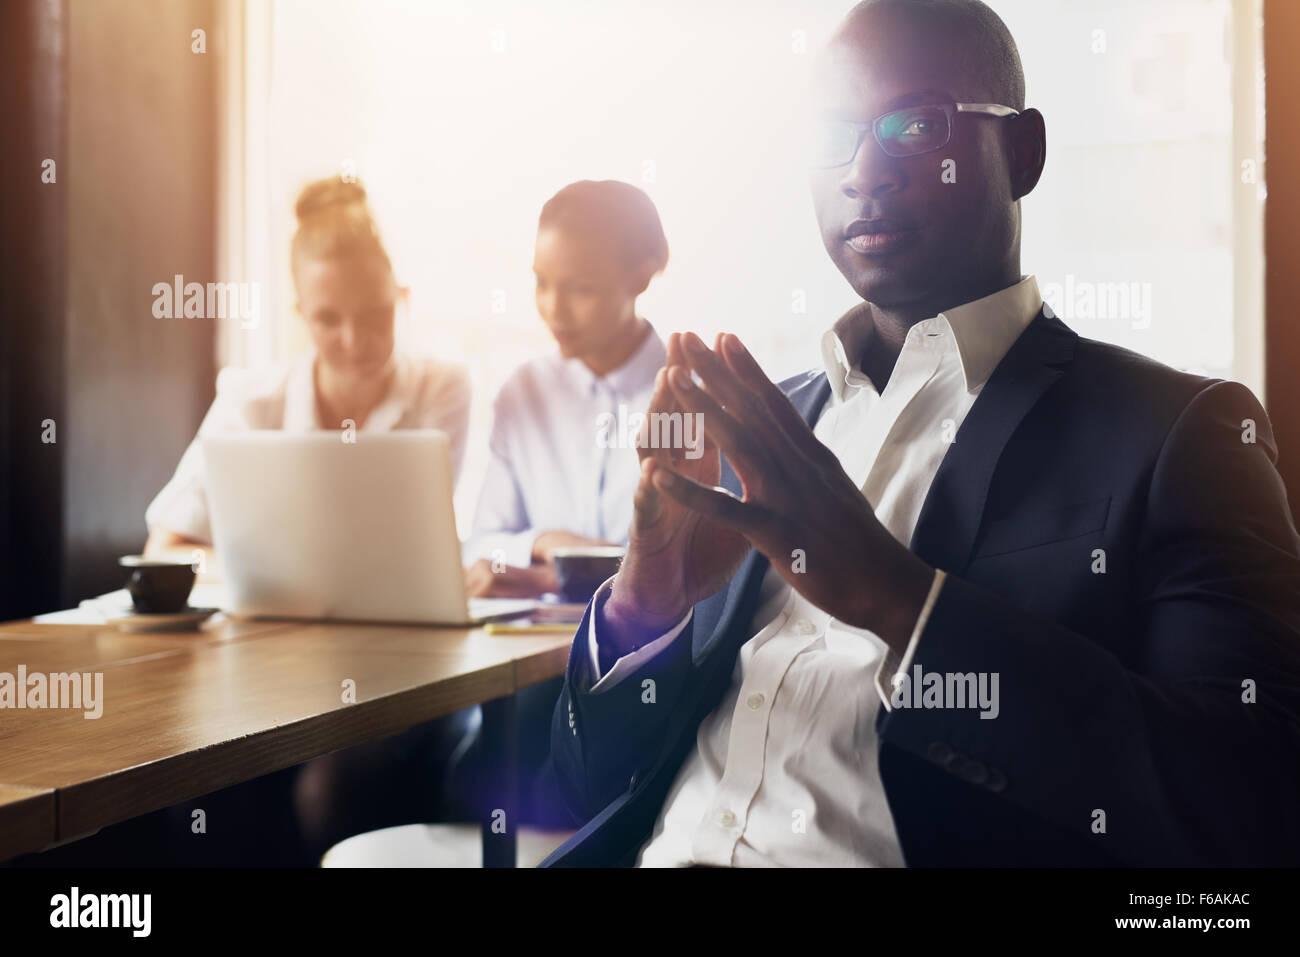 Grave business nero uomo seduto di fronte ai suoi dipendenti in ufficio Immagini Stock